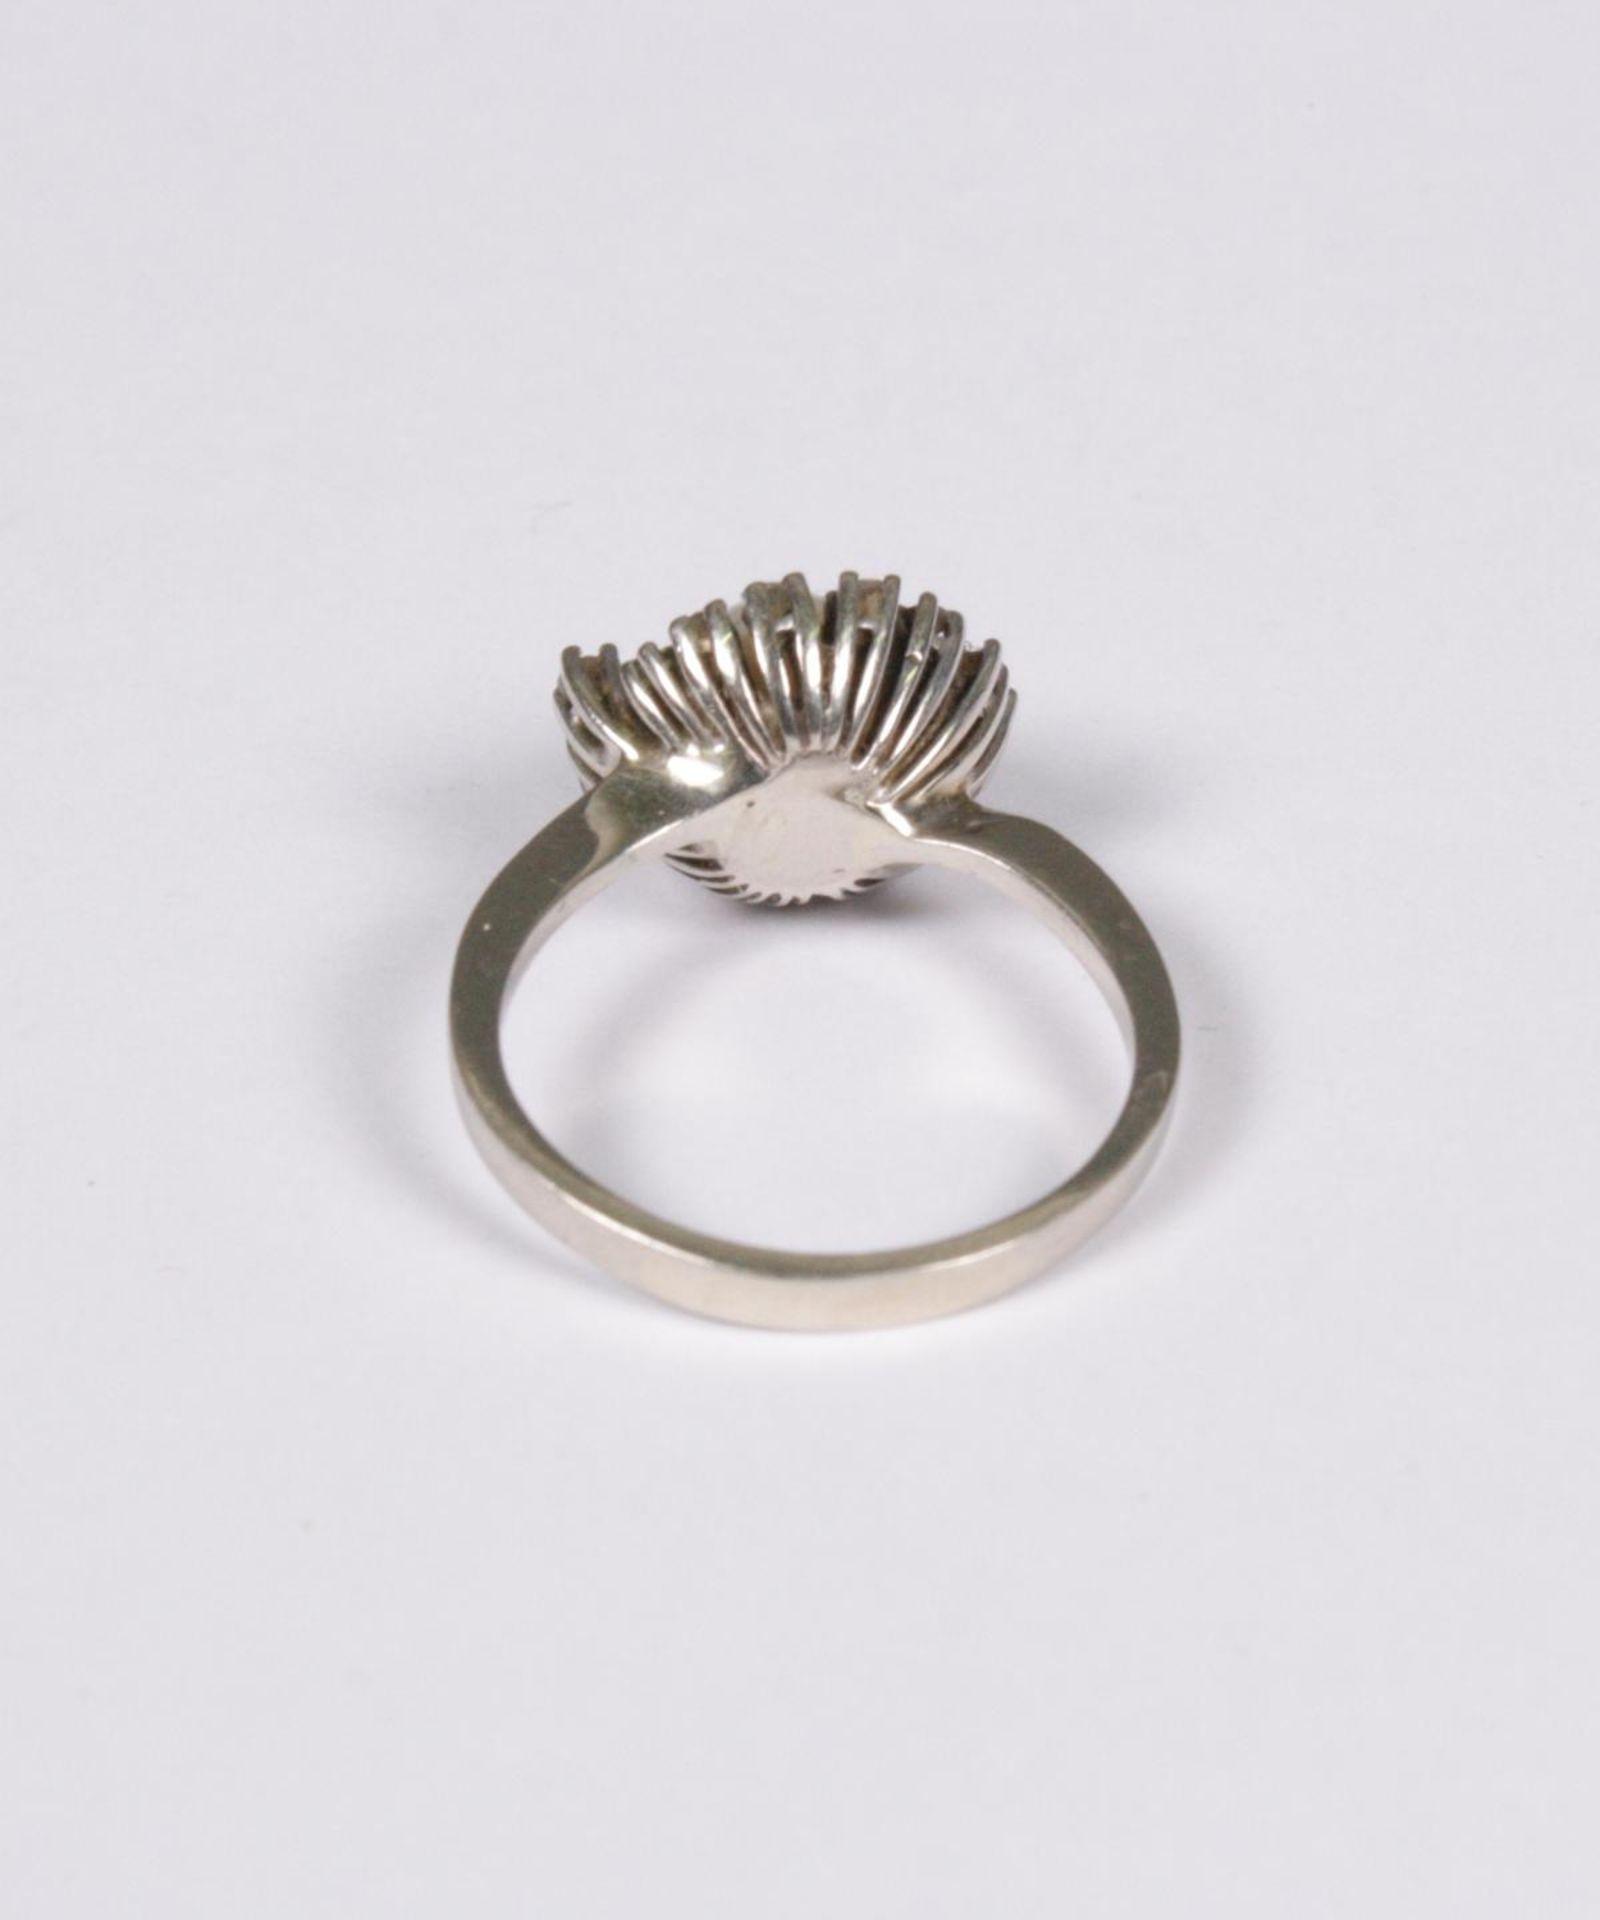 Damenring mit Diamanten und Perle, 14 Karat Weißgold - Image 3 of 3